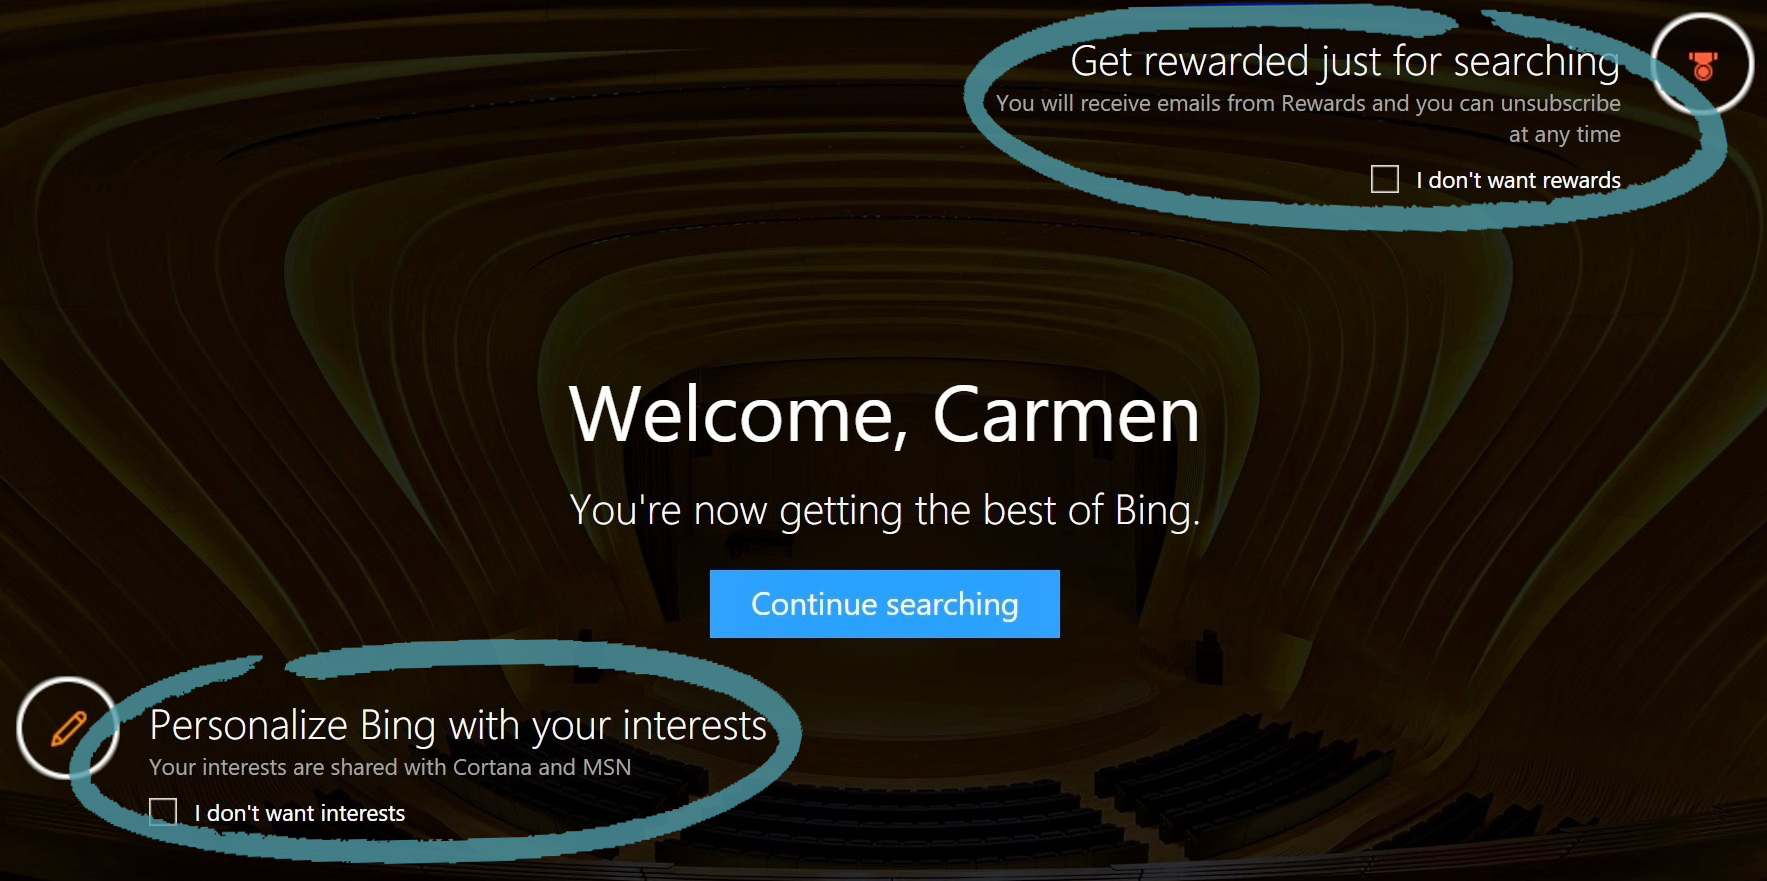 पारितोषिक और रुचियाँ शामिल-हों के साथ Bing मुख पृष्ठ